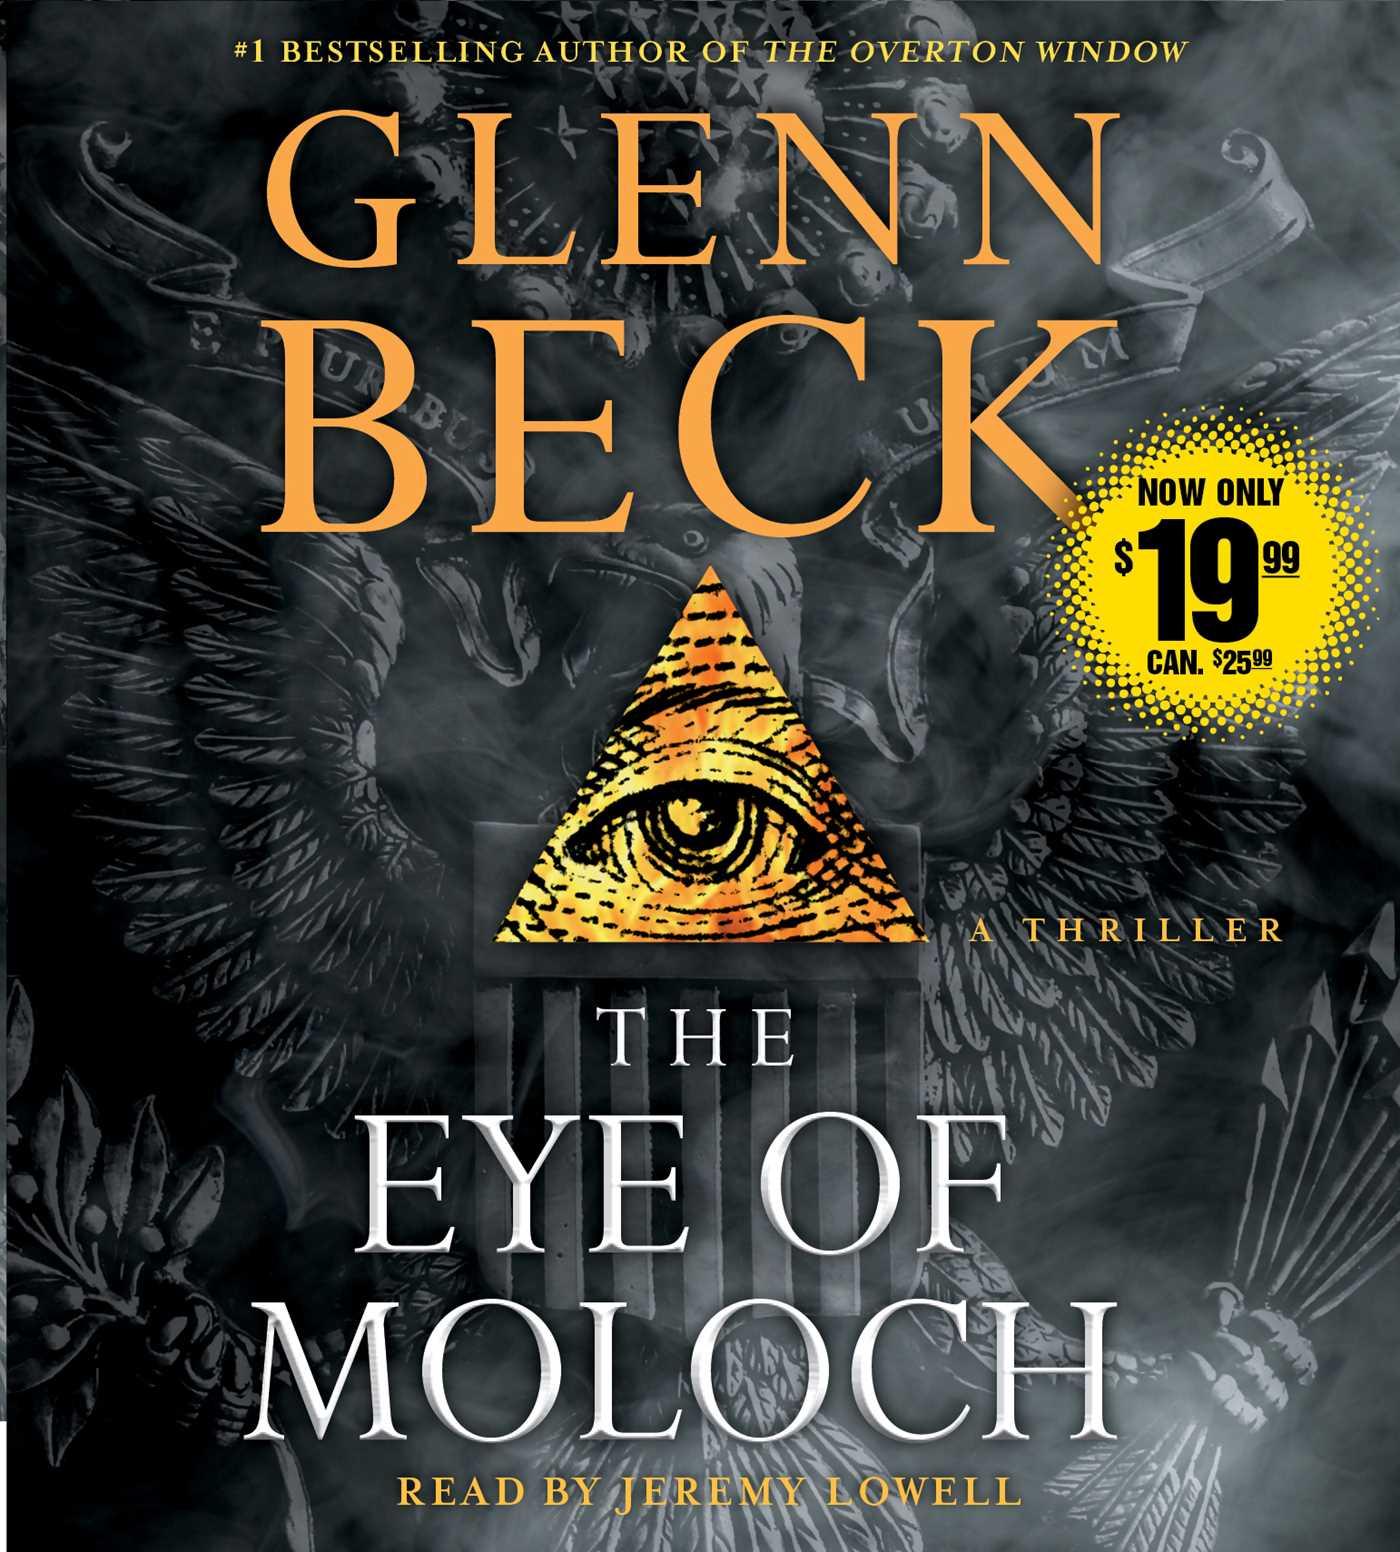 The eye of moloch 9781442393738 hr